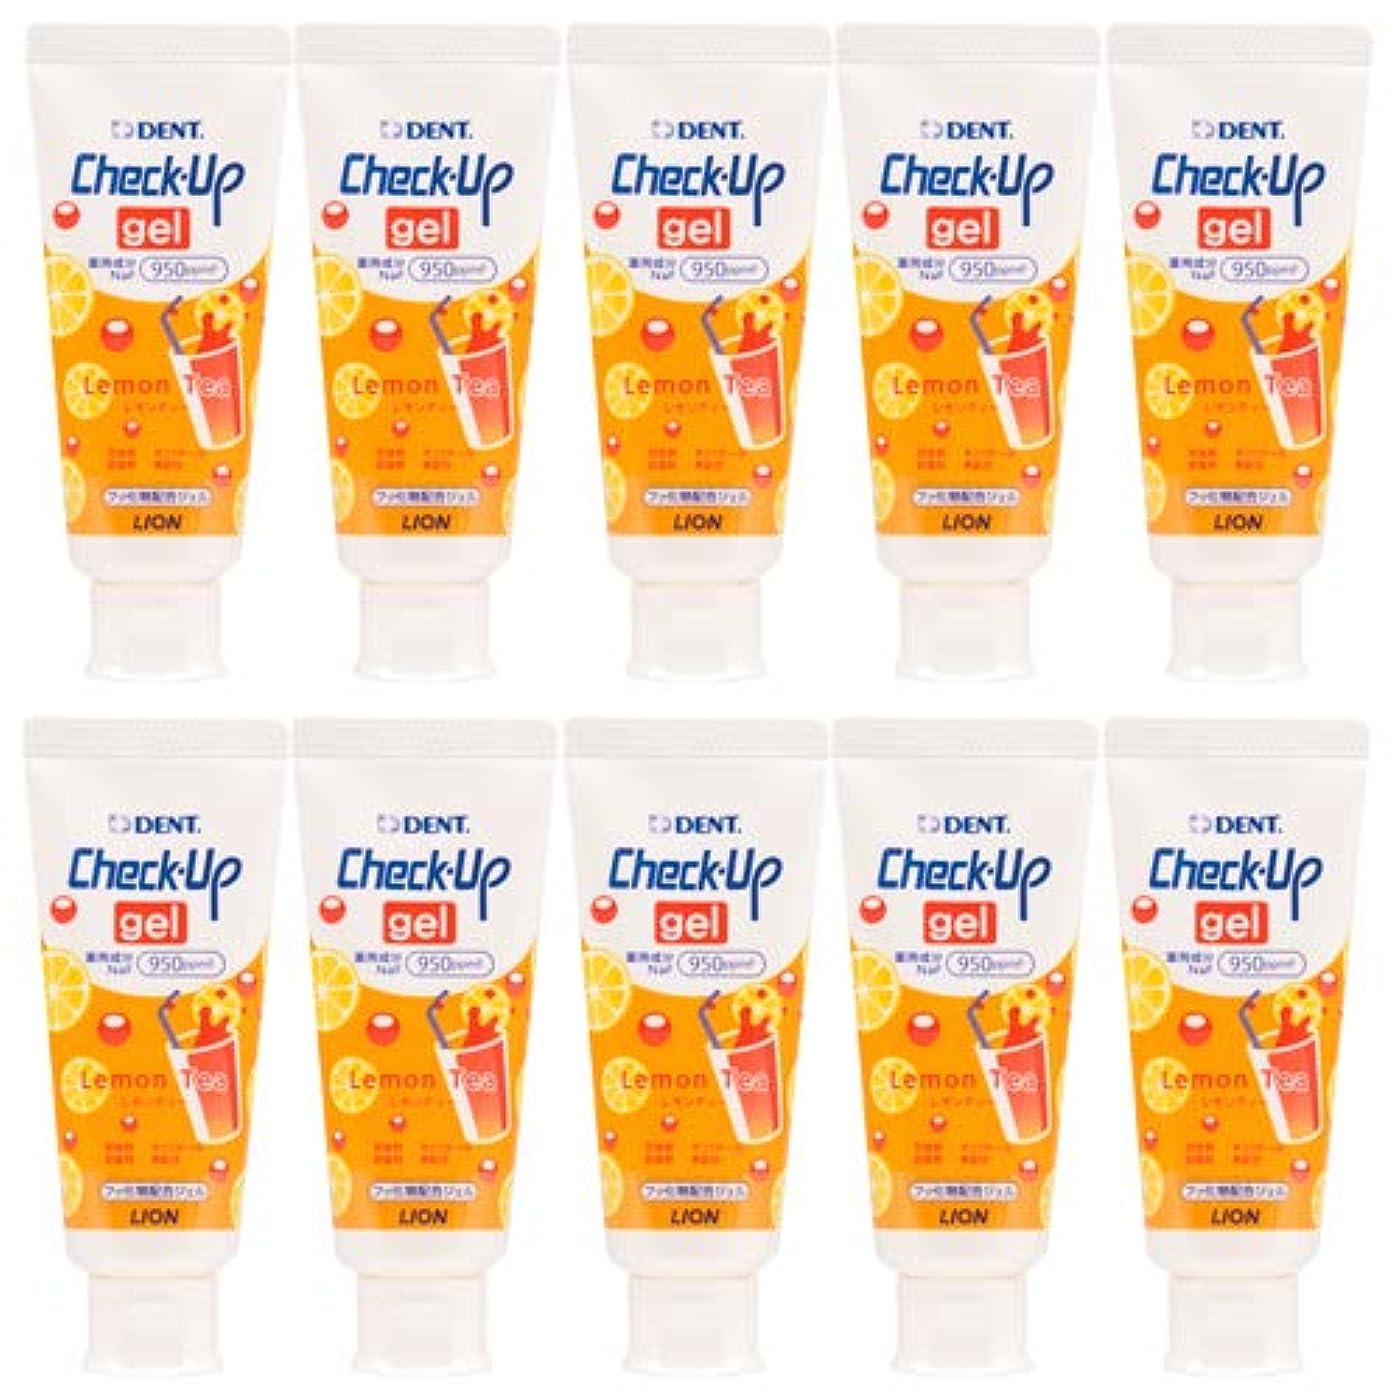 エクステントチャップ頭痛ライオン 歯科用 チェックアップジェル 10本 歯磨き粉 レモンティー 60g